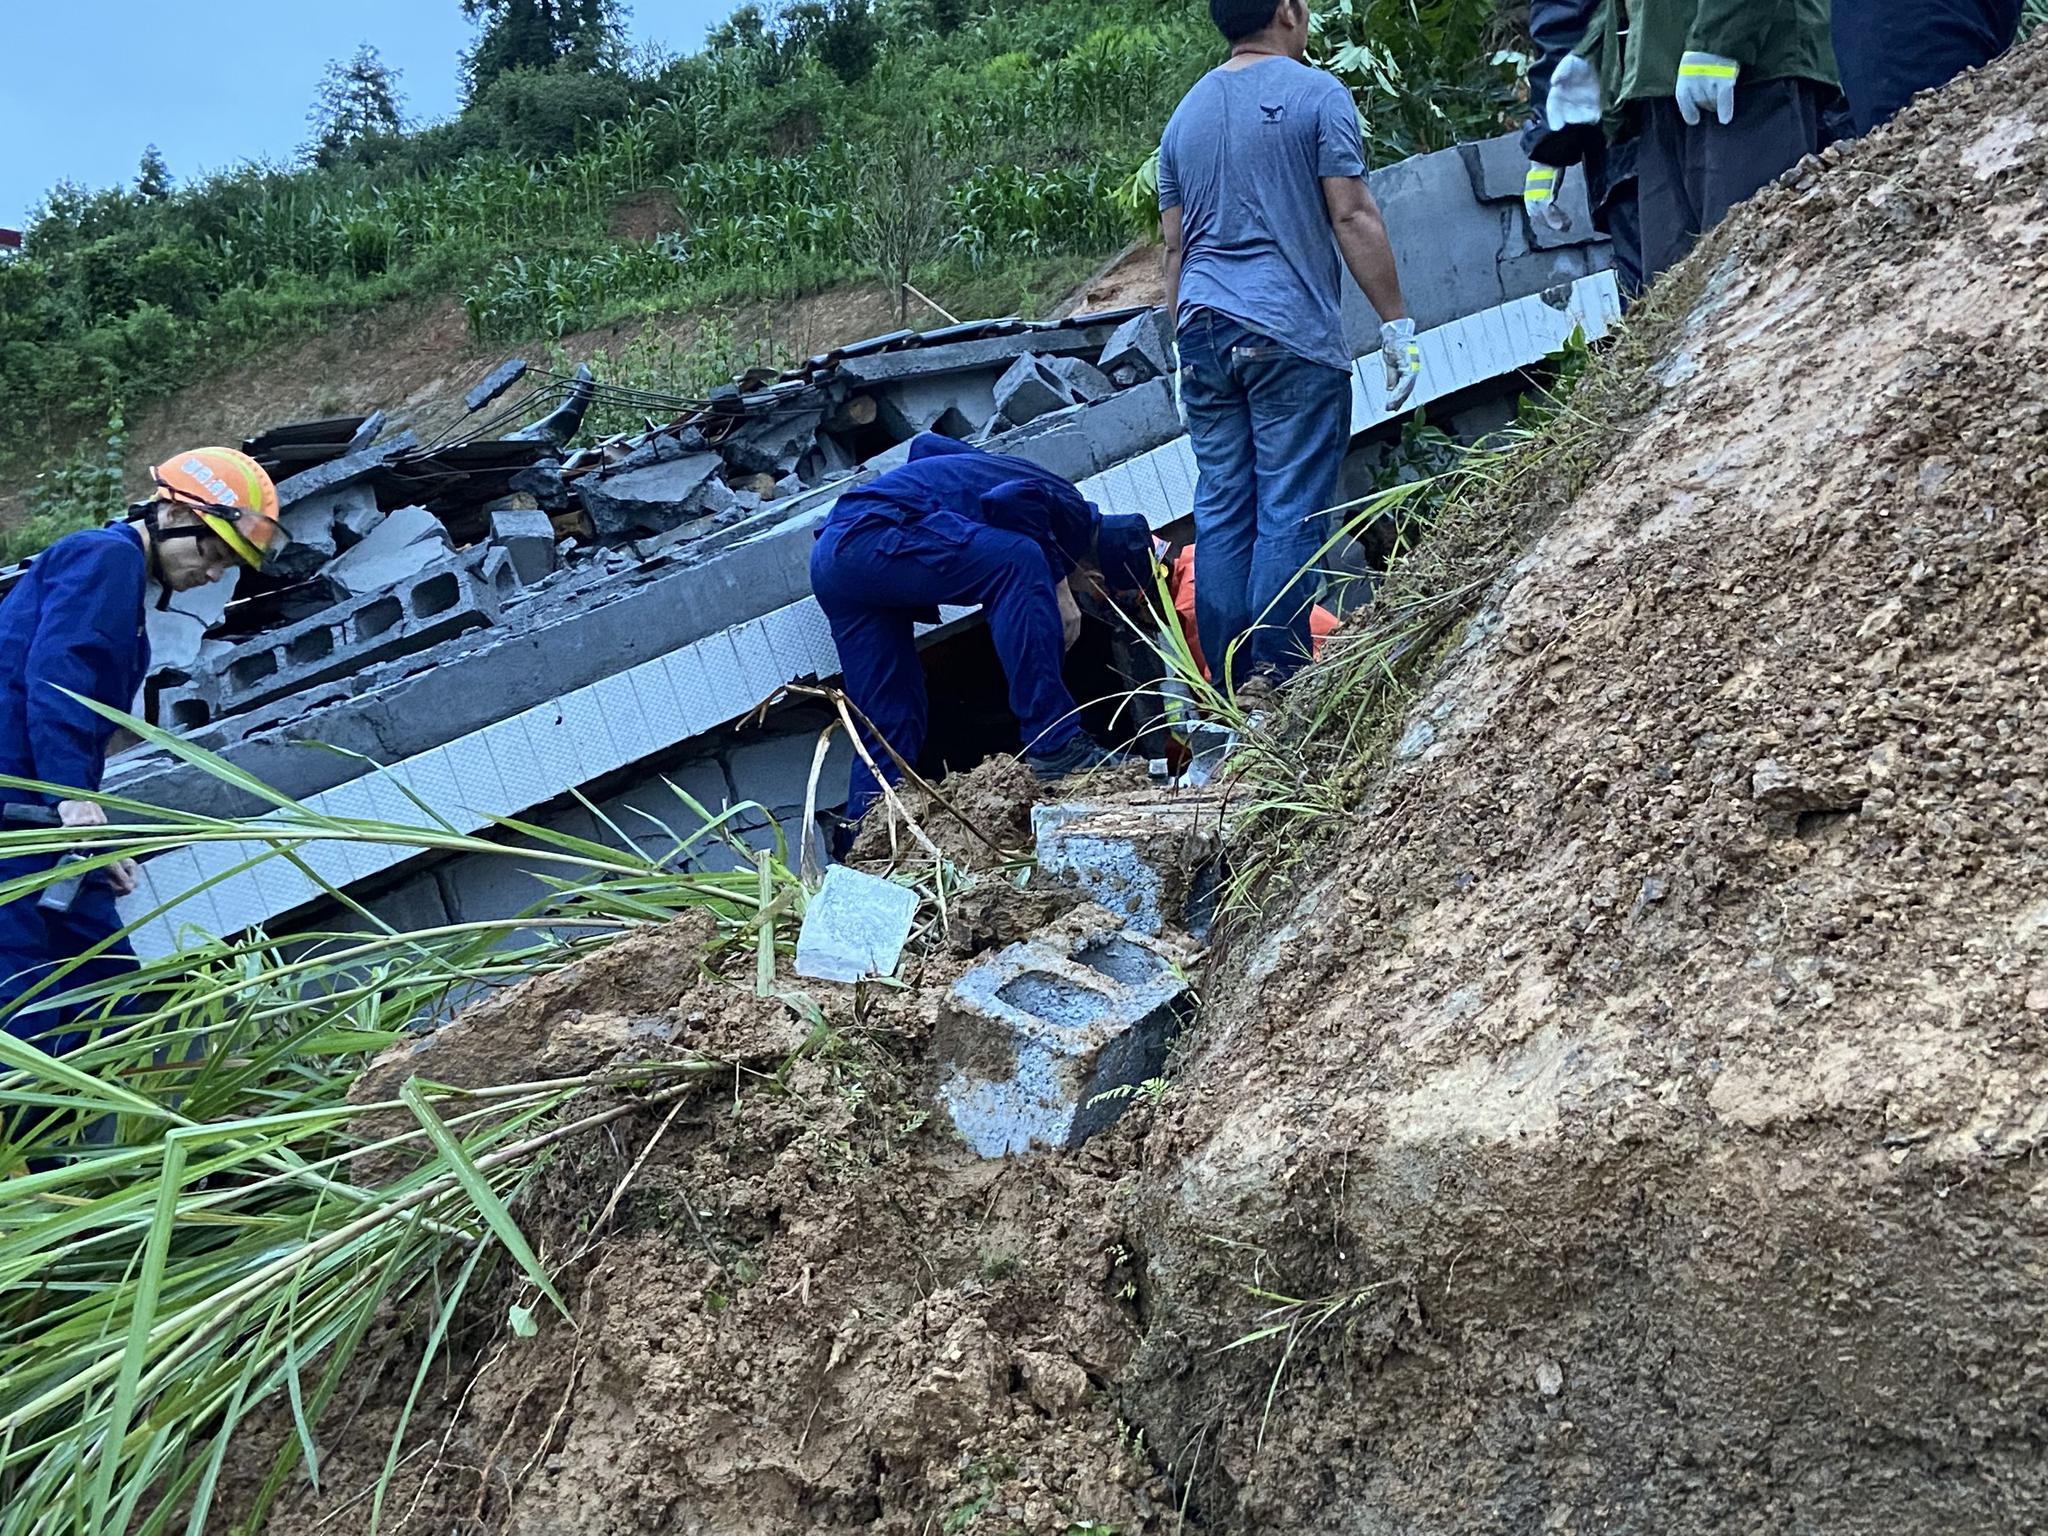 【摩天平台】降雨摩天平台山洪冲垮房屋致6人死亡图片